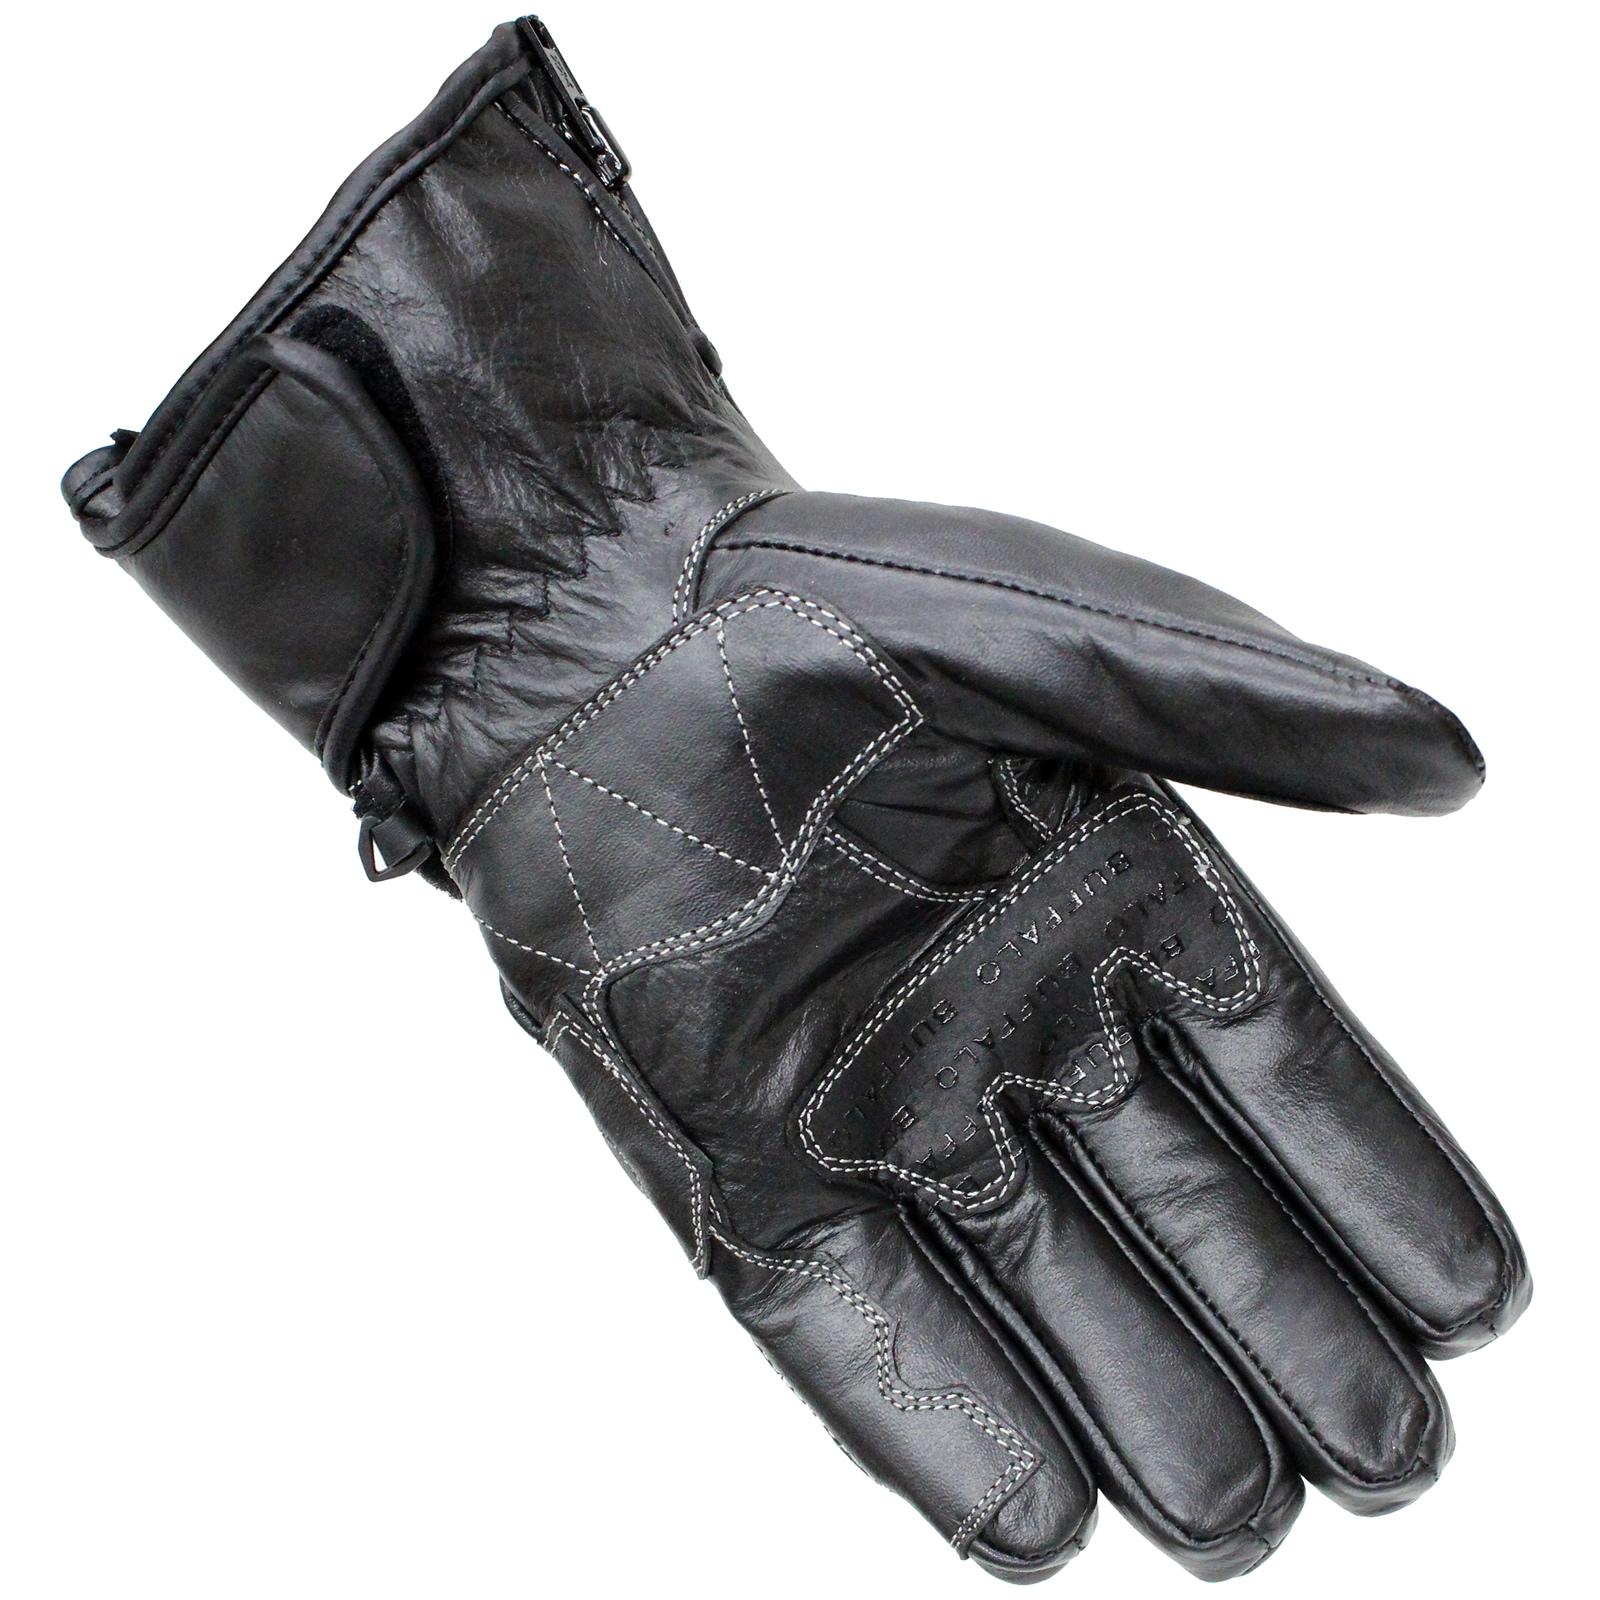 Motorcycle leather gloves waterproof -  Waterproof Wp Thermal Leather Motorcycle Scooter Winter Gloves Preview 5 Thumbnail 1 Thumbnail 2 Thumbnail 3 Thumbnail 4